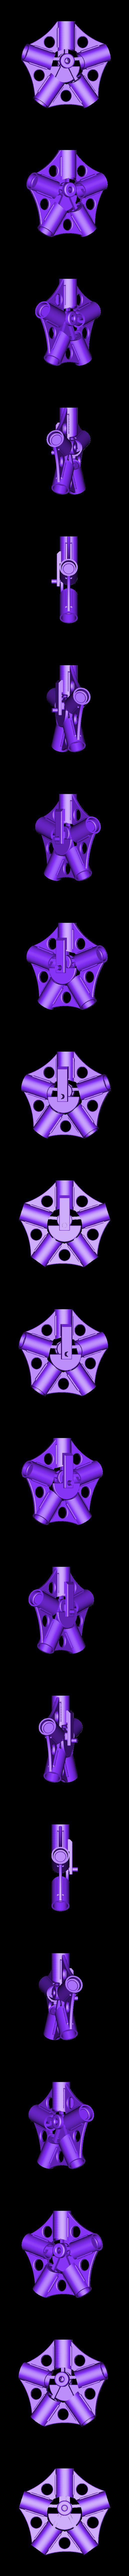 radial.stl Télécharger fichier STL gratuit Moteur radial ou Hula • Design à imprimer en 3D, Mathorethan